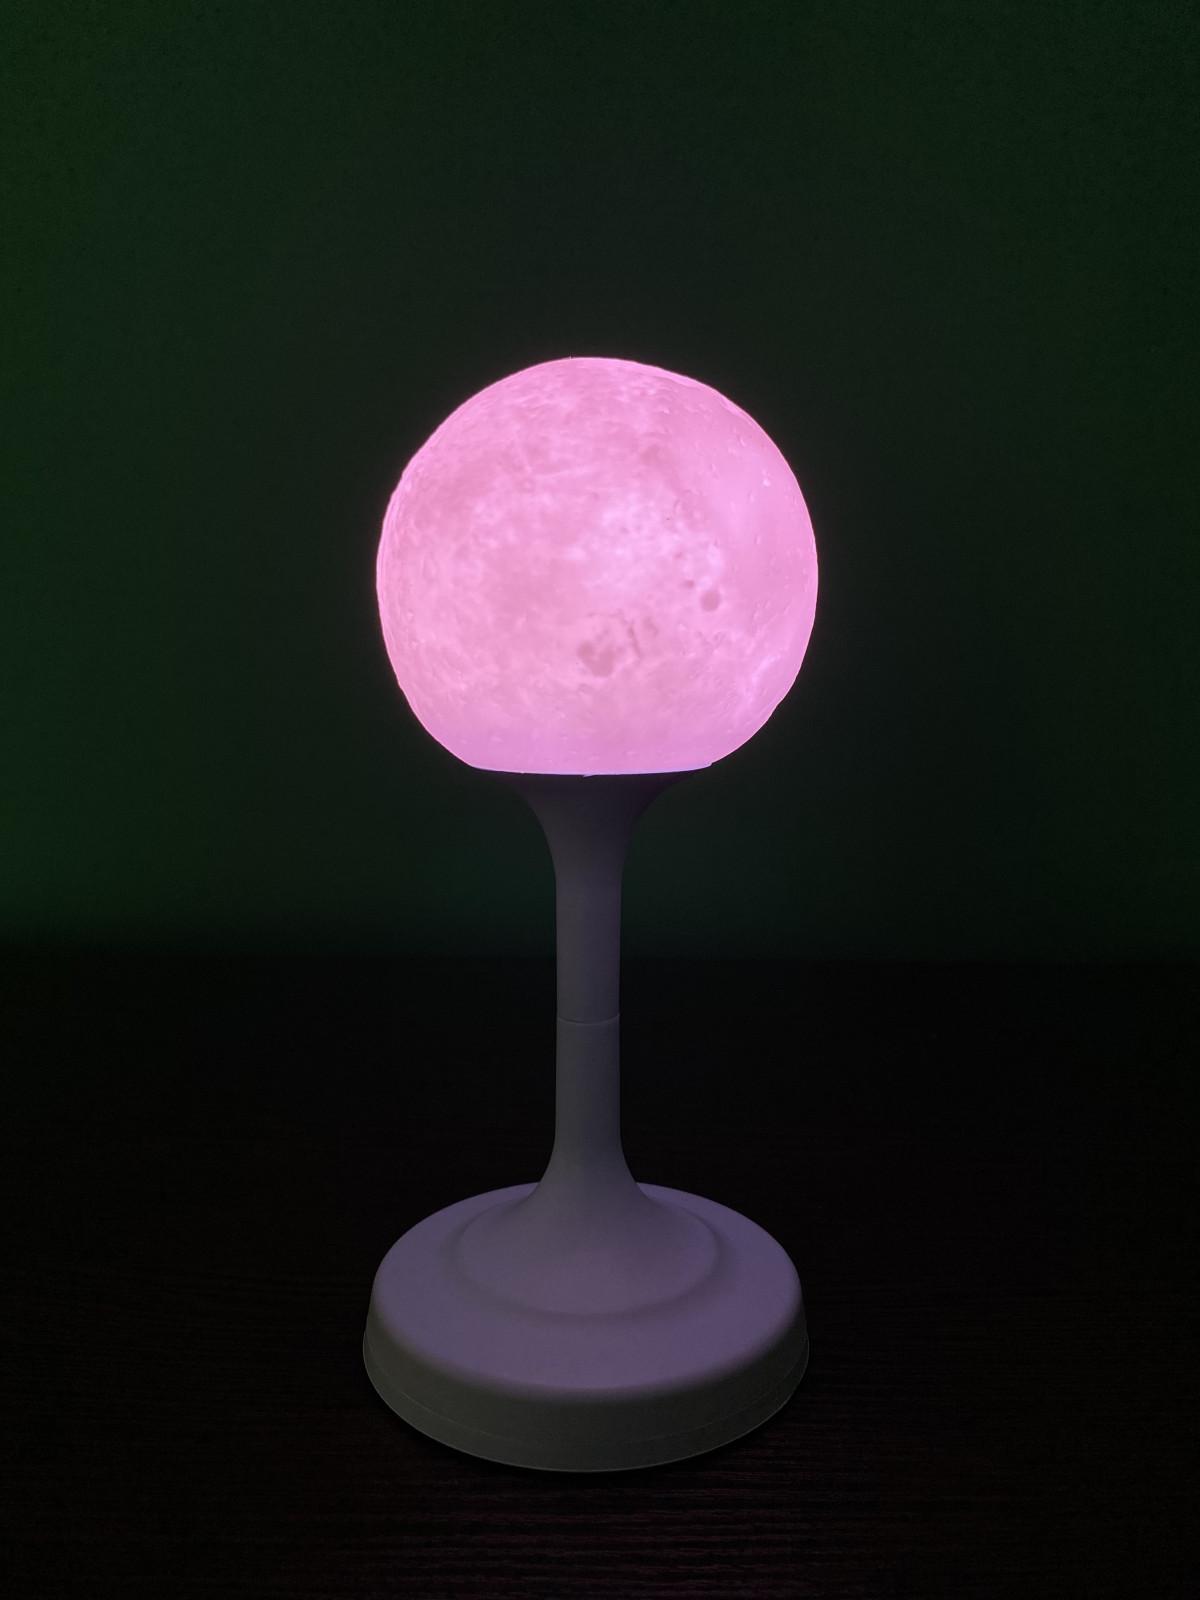 Лампа-нічник Місячна лампа Moon lamp